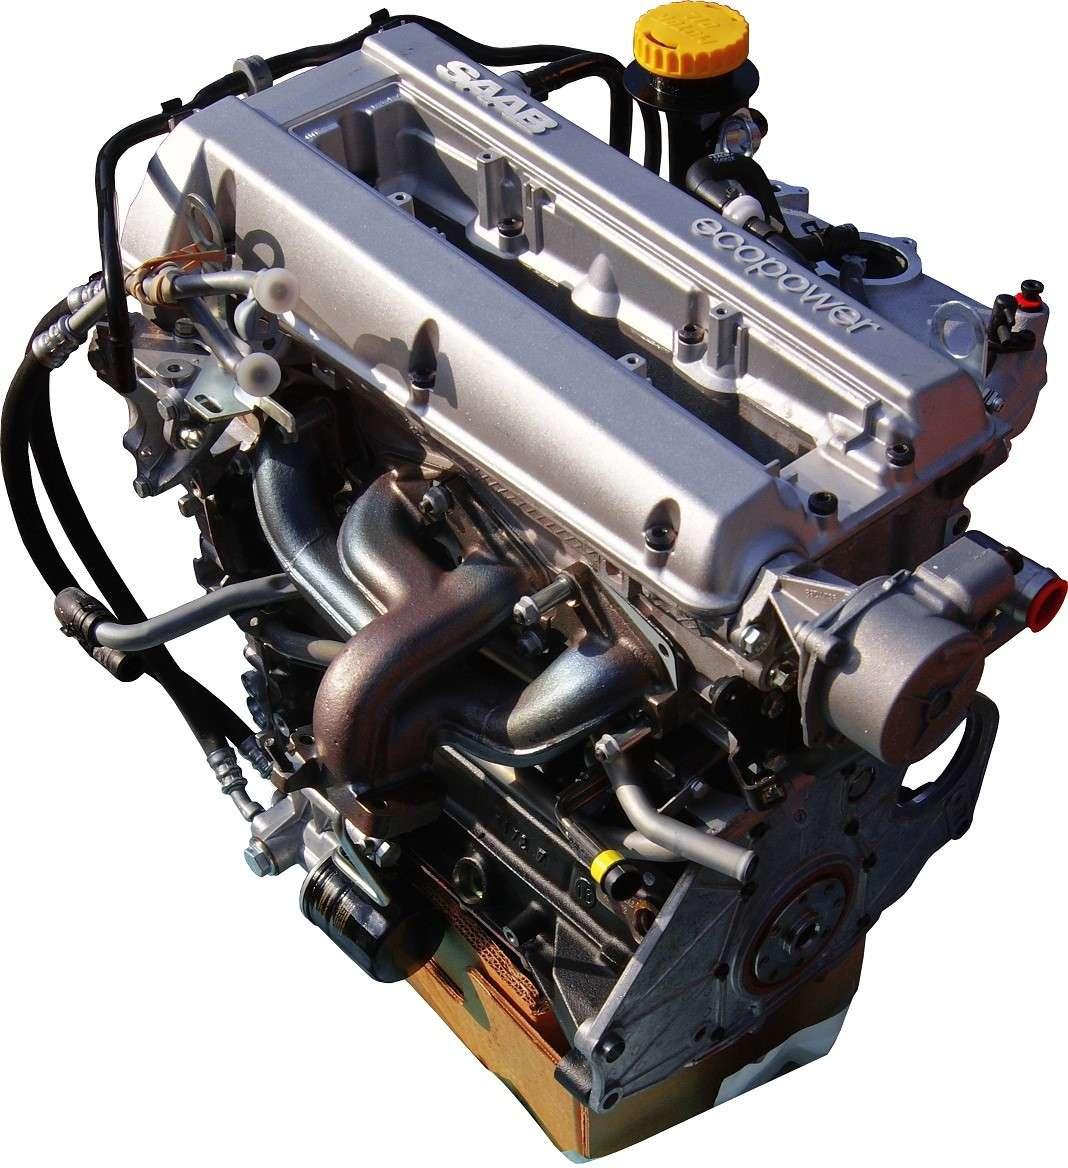 √ saab 2 3 turbo engine diagram engine 2006 saab 9 2006 saab 9-3 ecm saab 2 3 turbo engine diagram #9